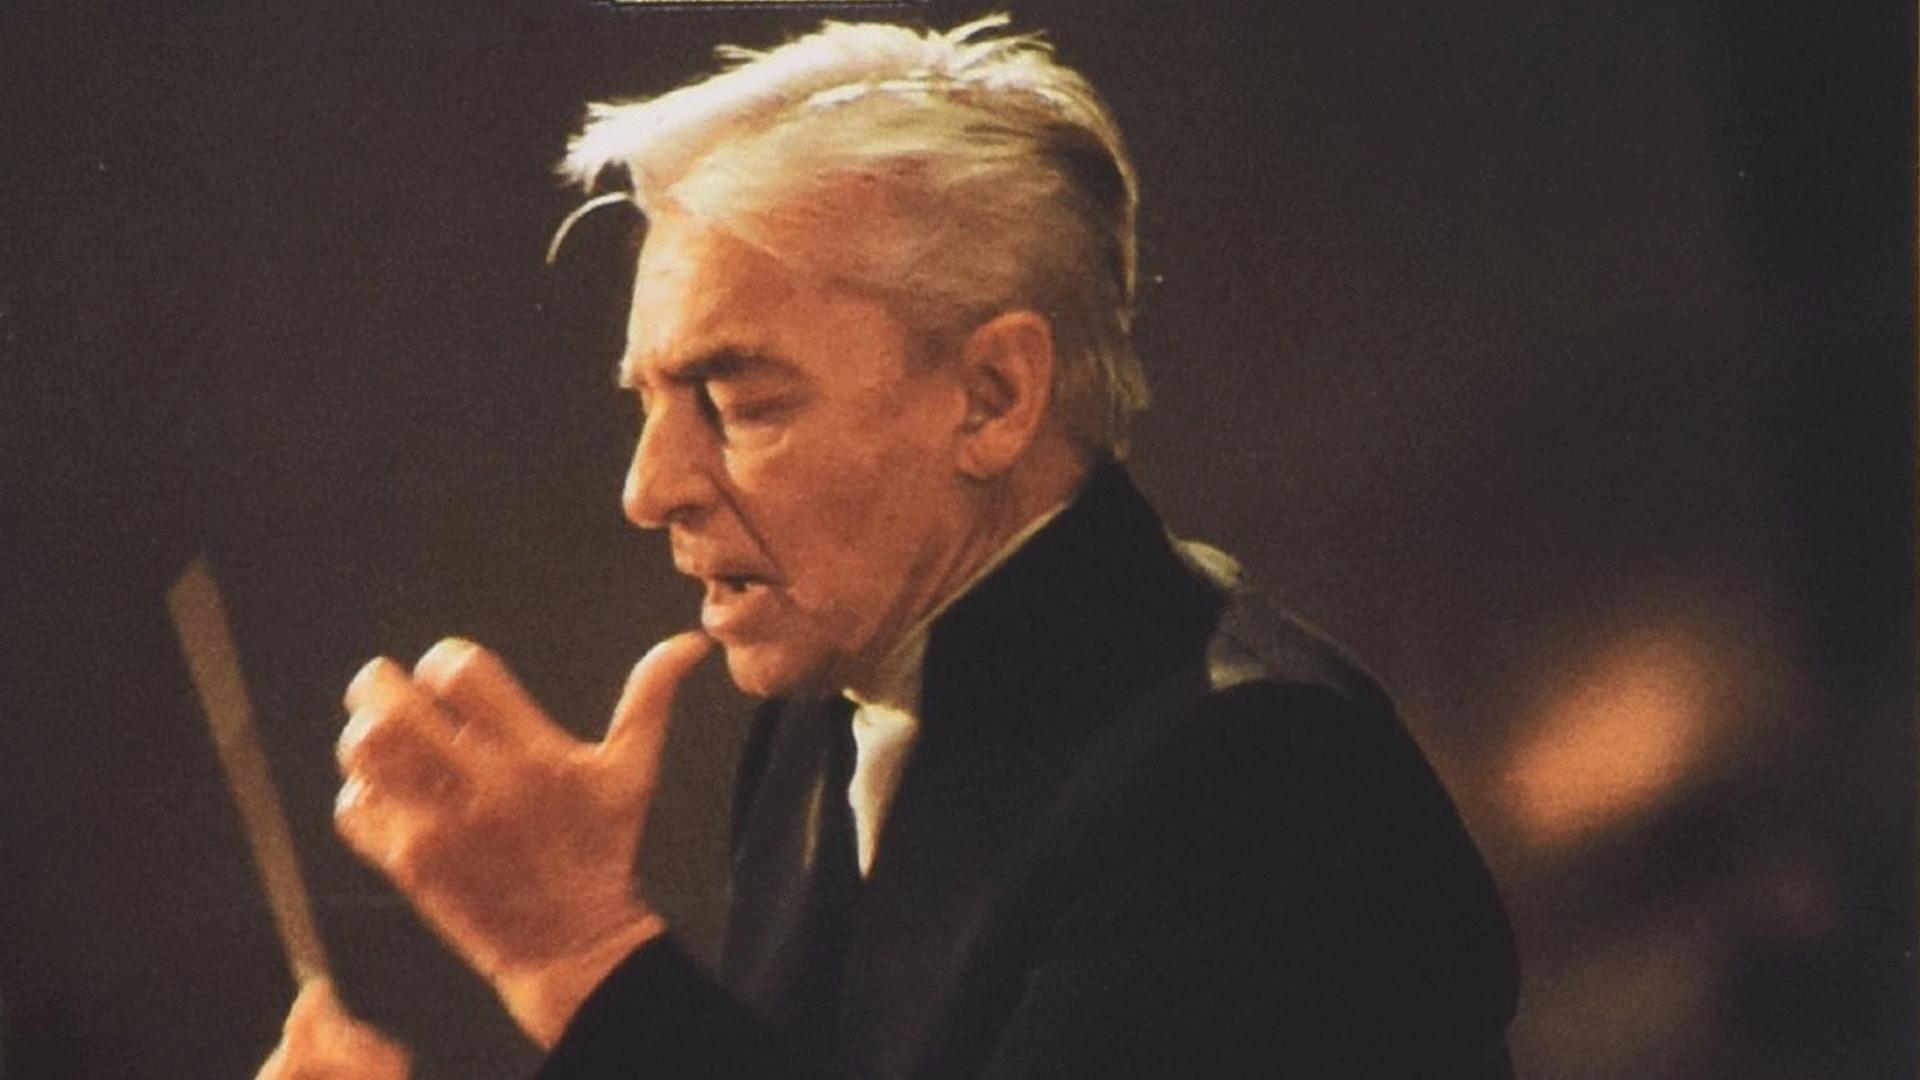 Herbert von Karajan dirige la Symphonie n°5 de Beethoven